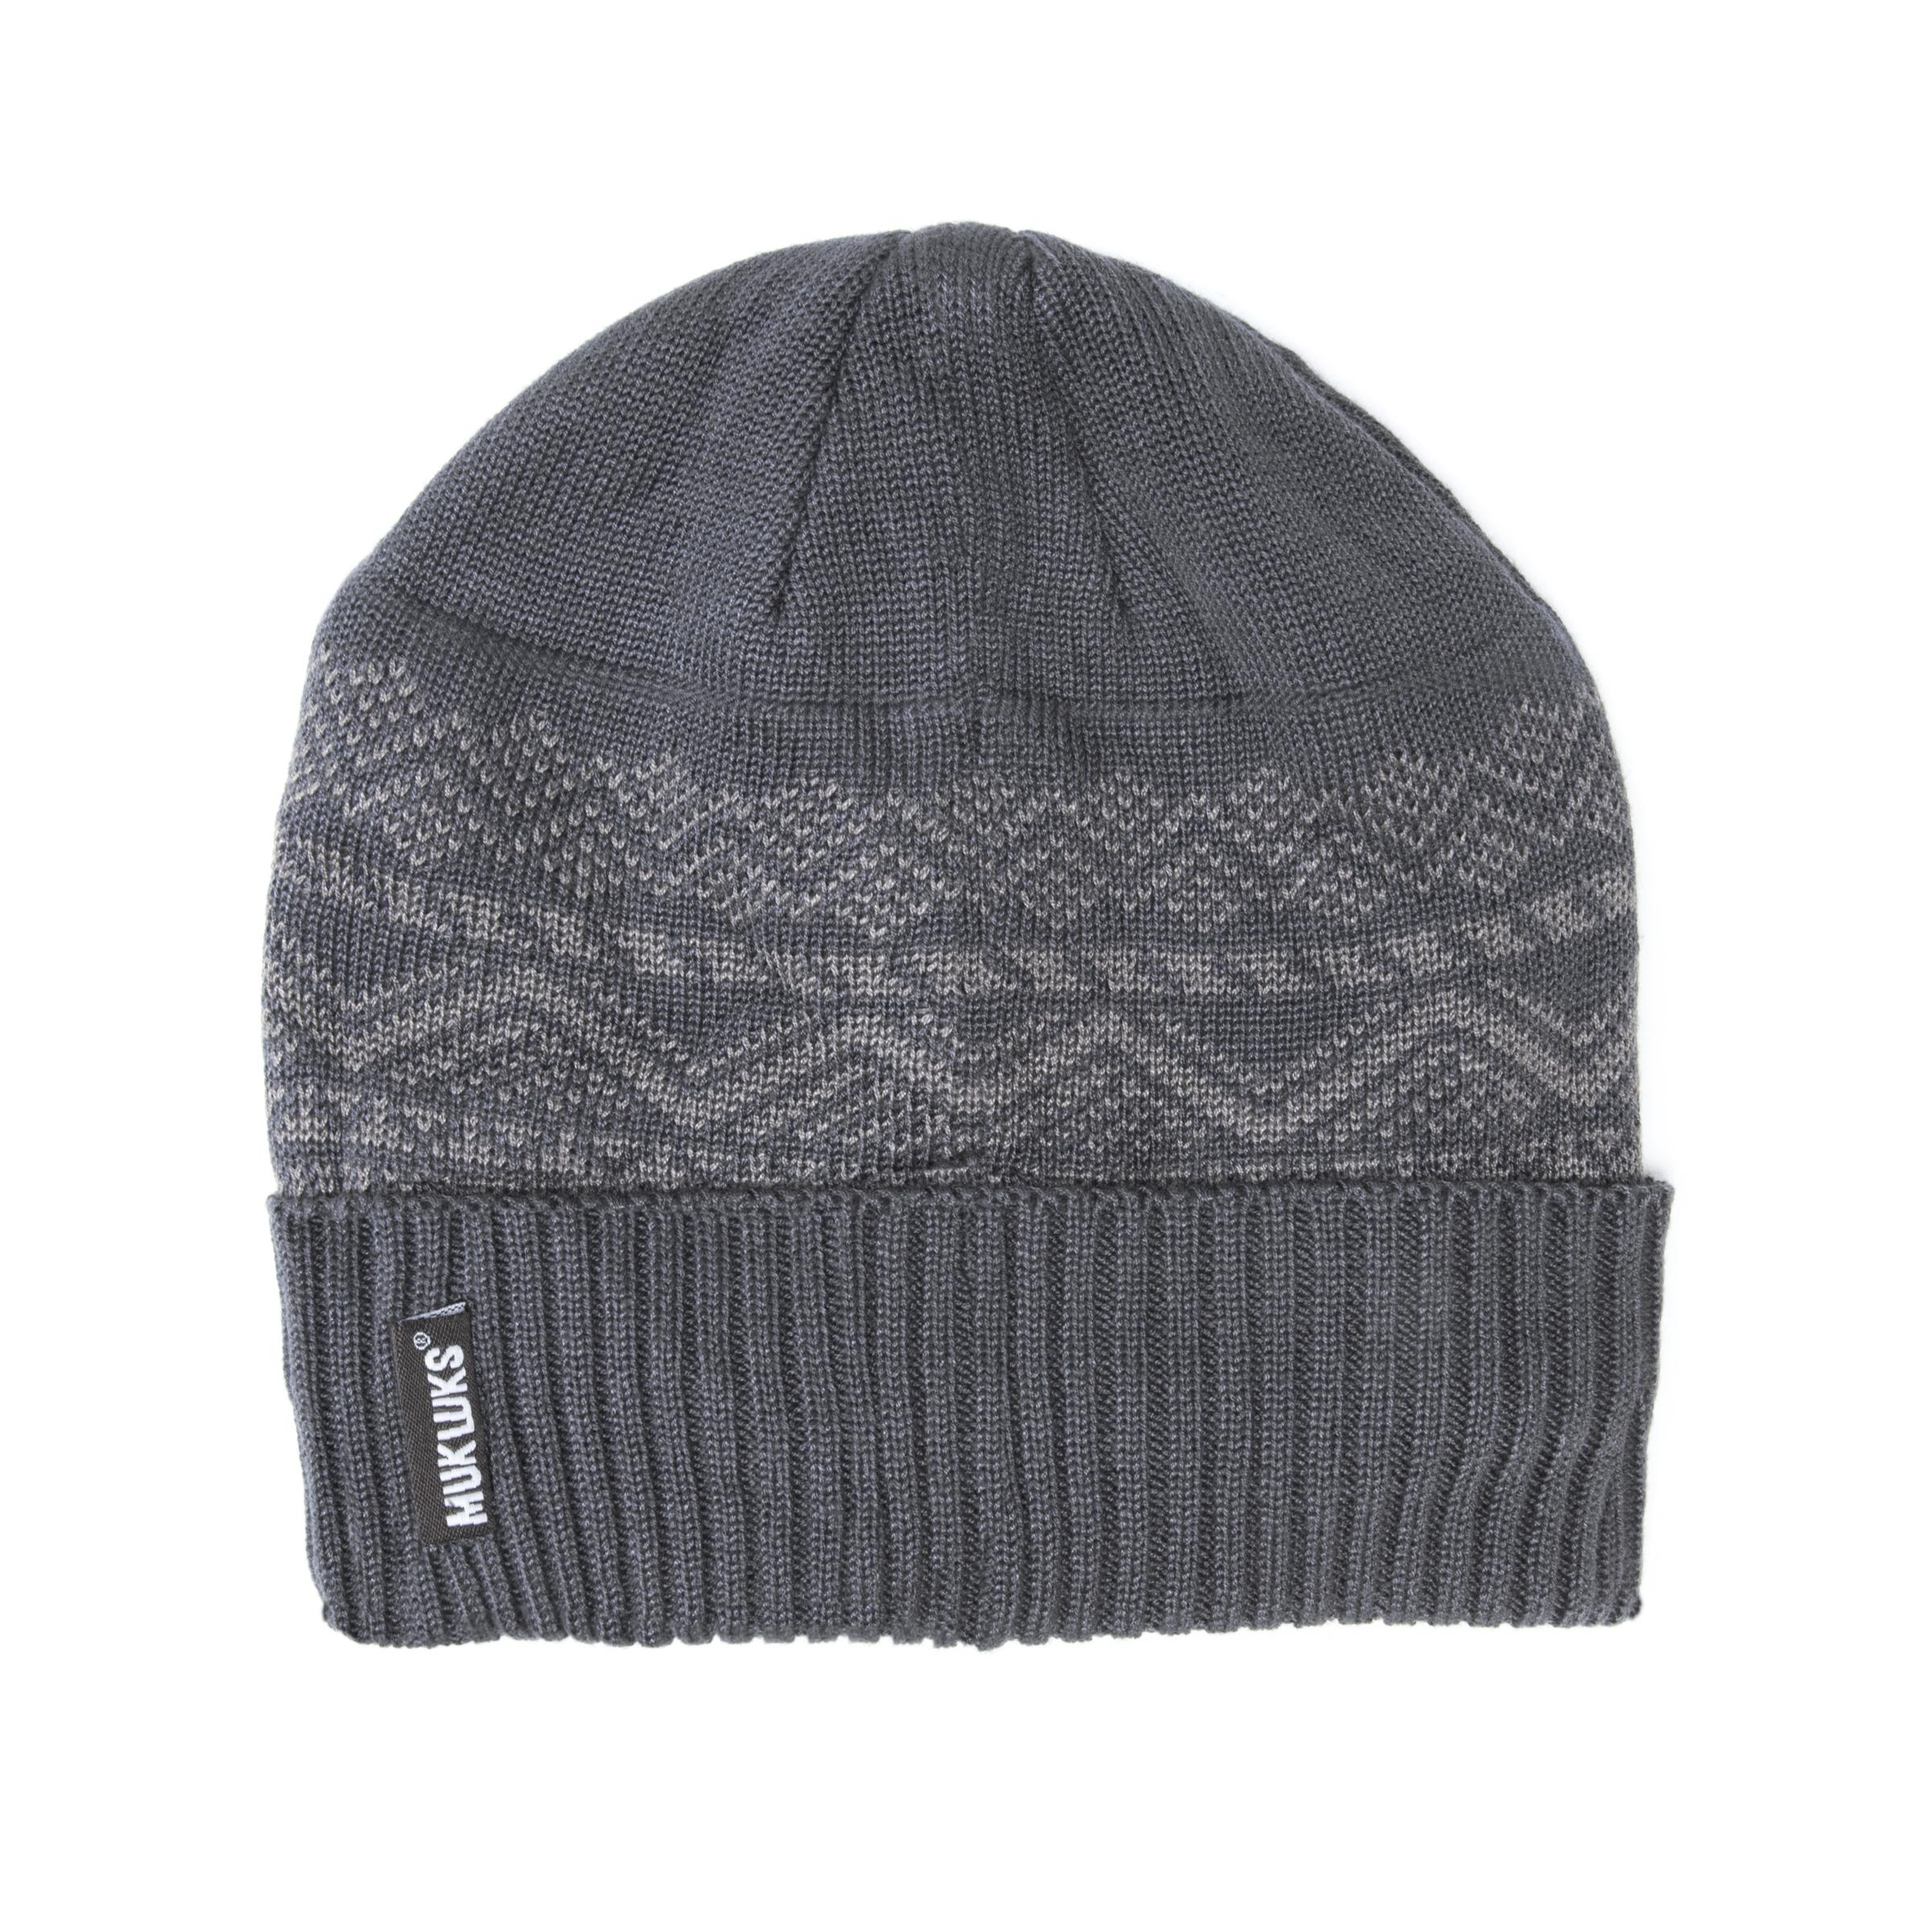 7f1f0e68dc5310 Men's Cuff Cap with Fleece Lining – Grey | Slippers.com - Shop Comfy